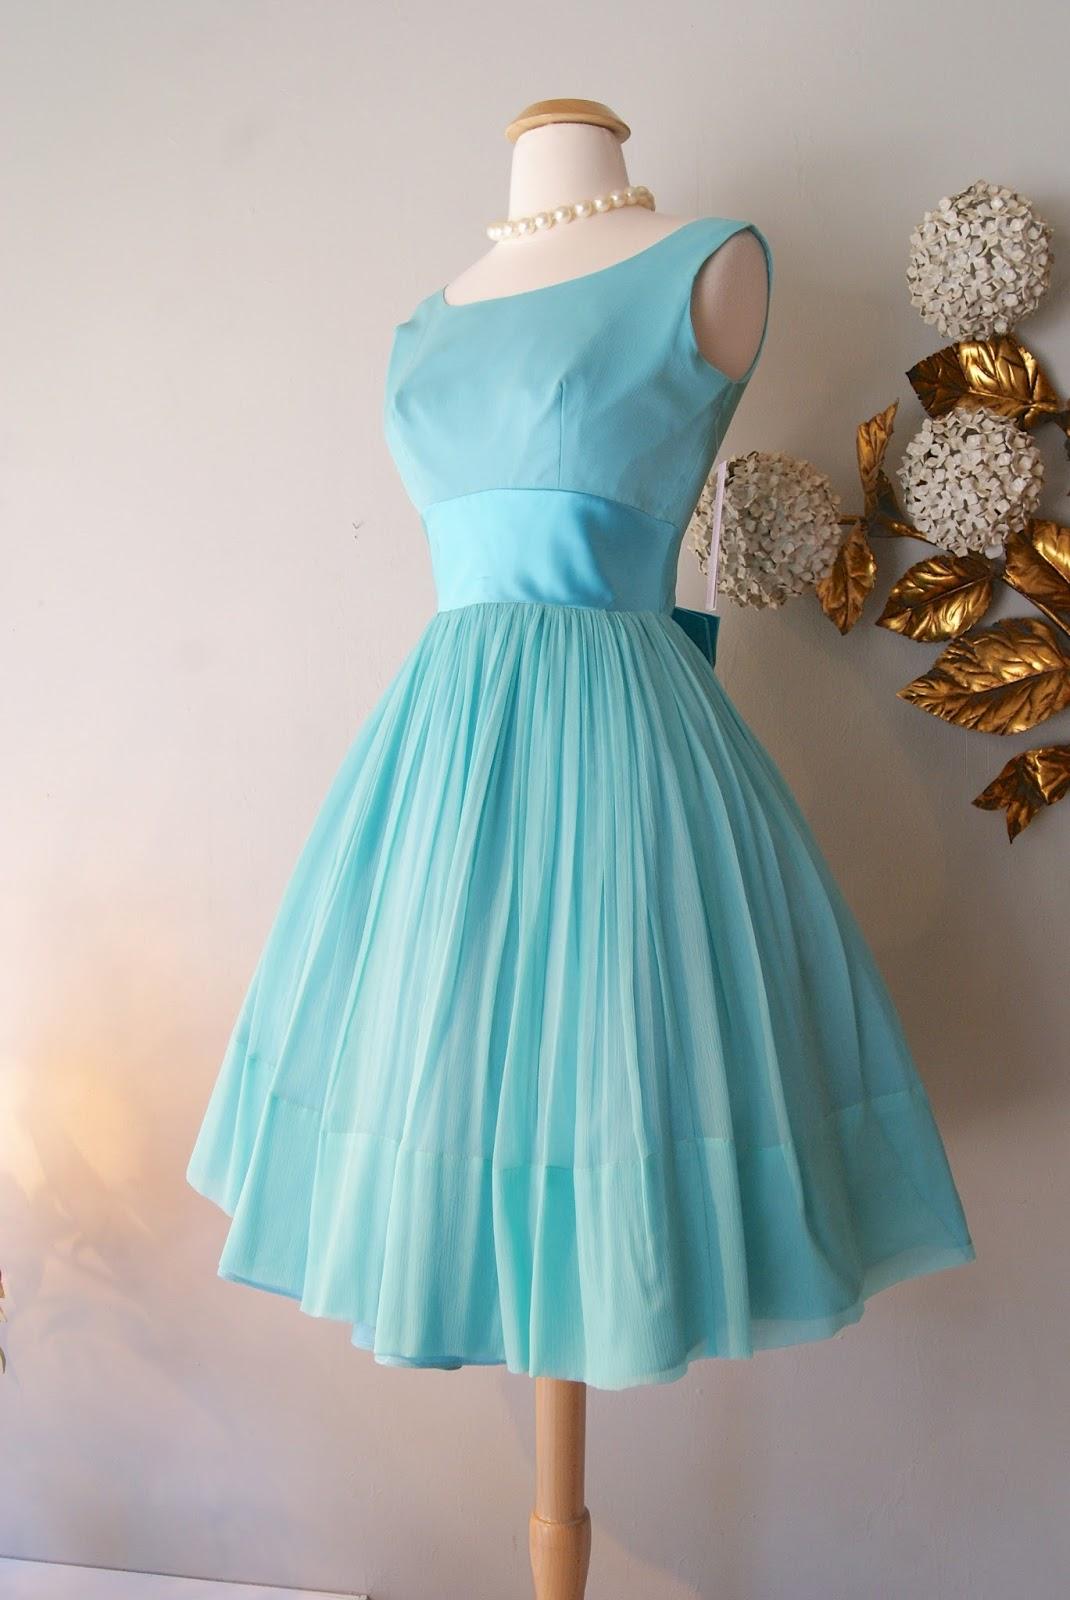 Xtabay Vintage Clothing Boutique - Portland, Oregon: Recent Finds...